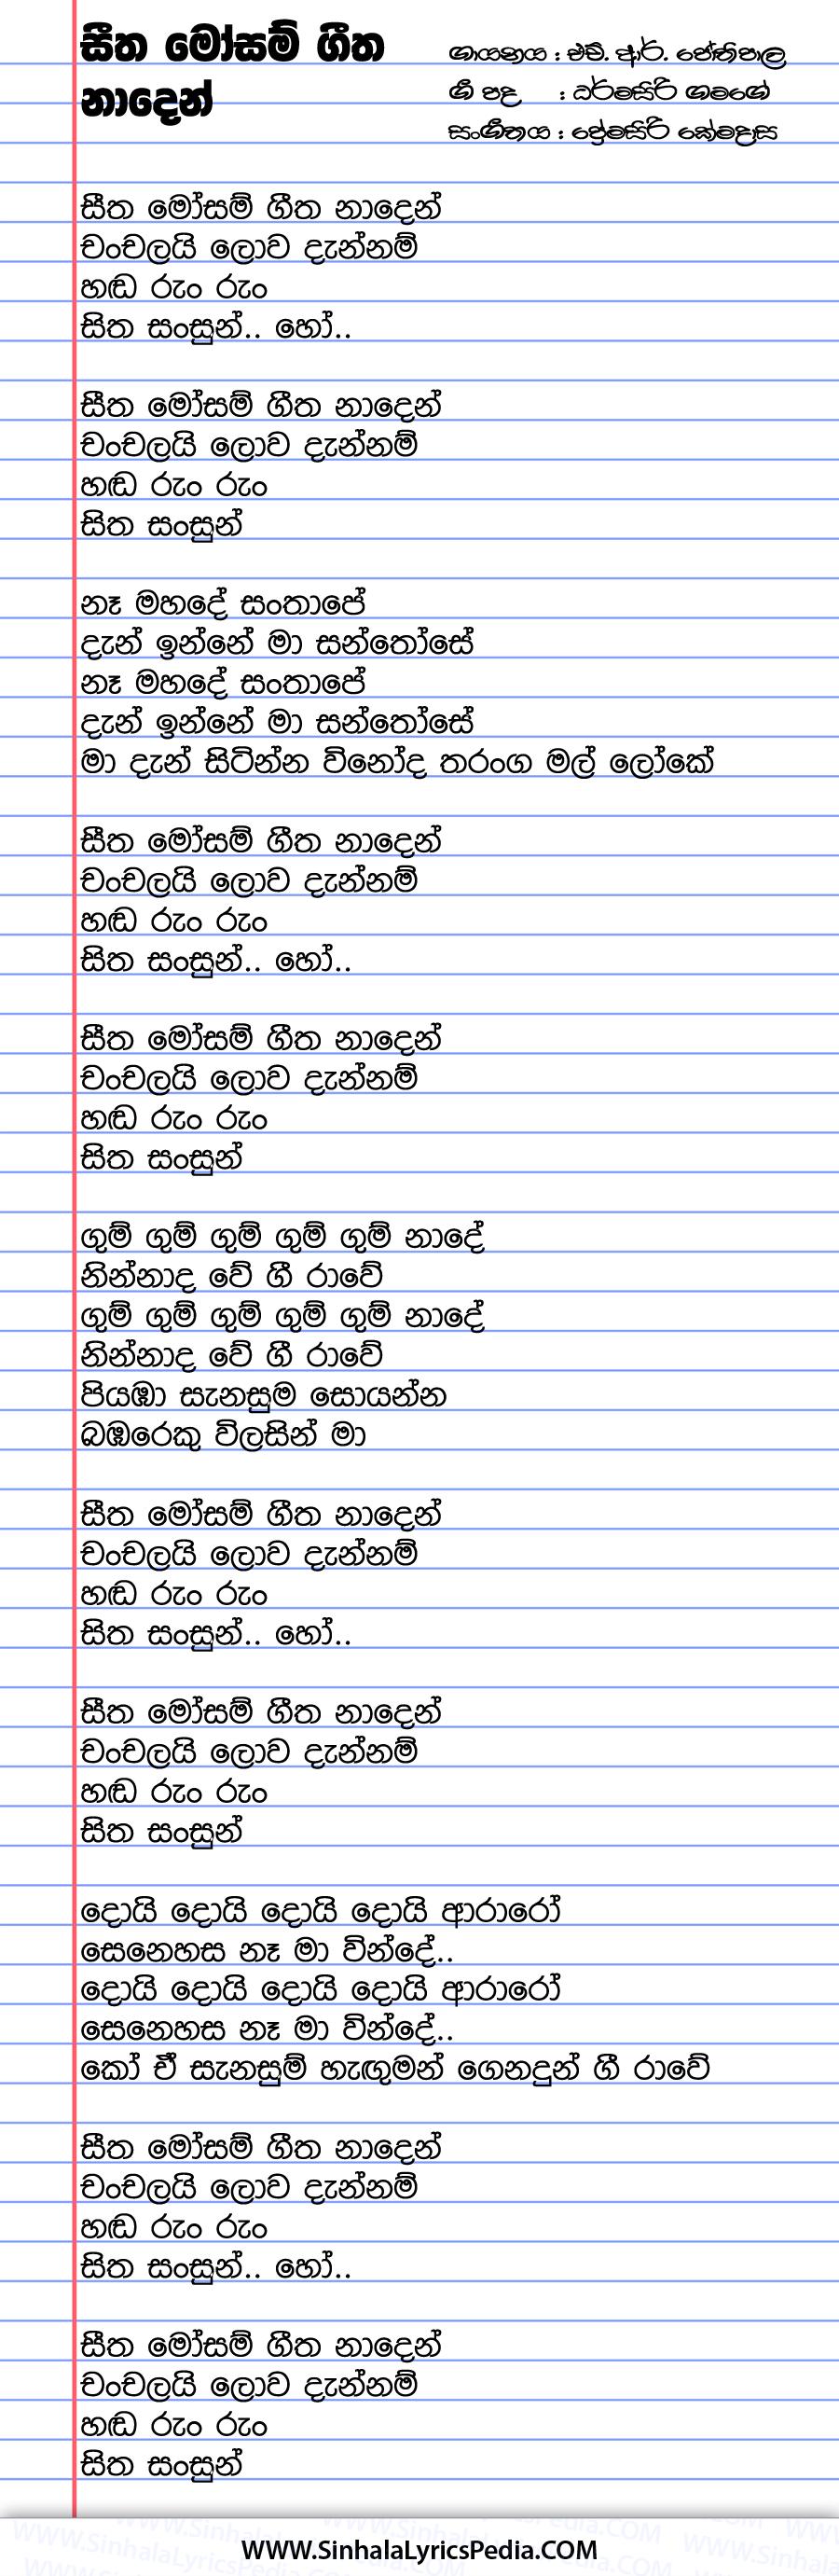 Seetha Mosam Geetha Naden Song Lyrics